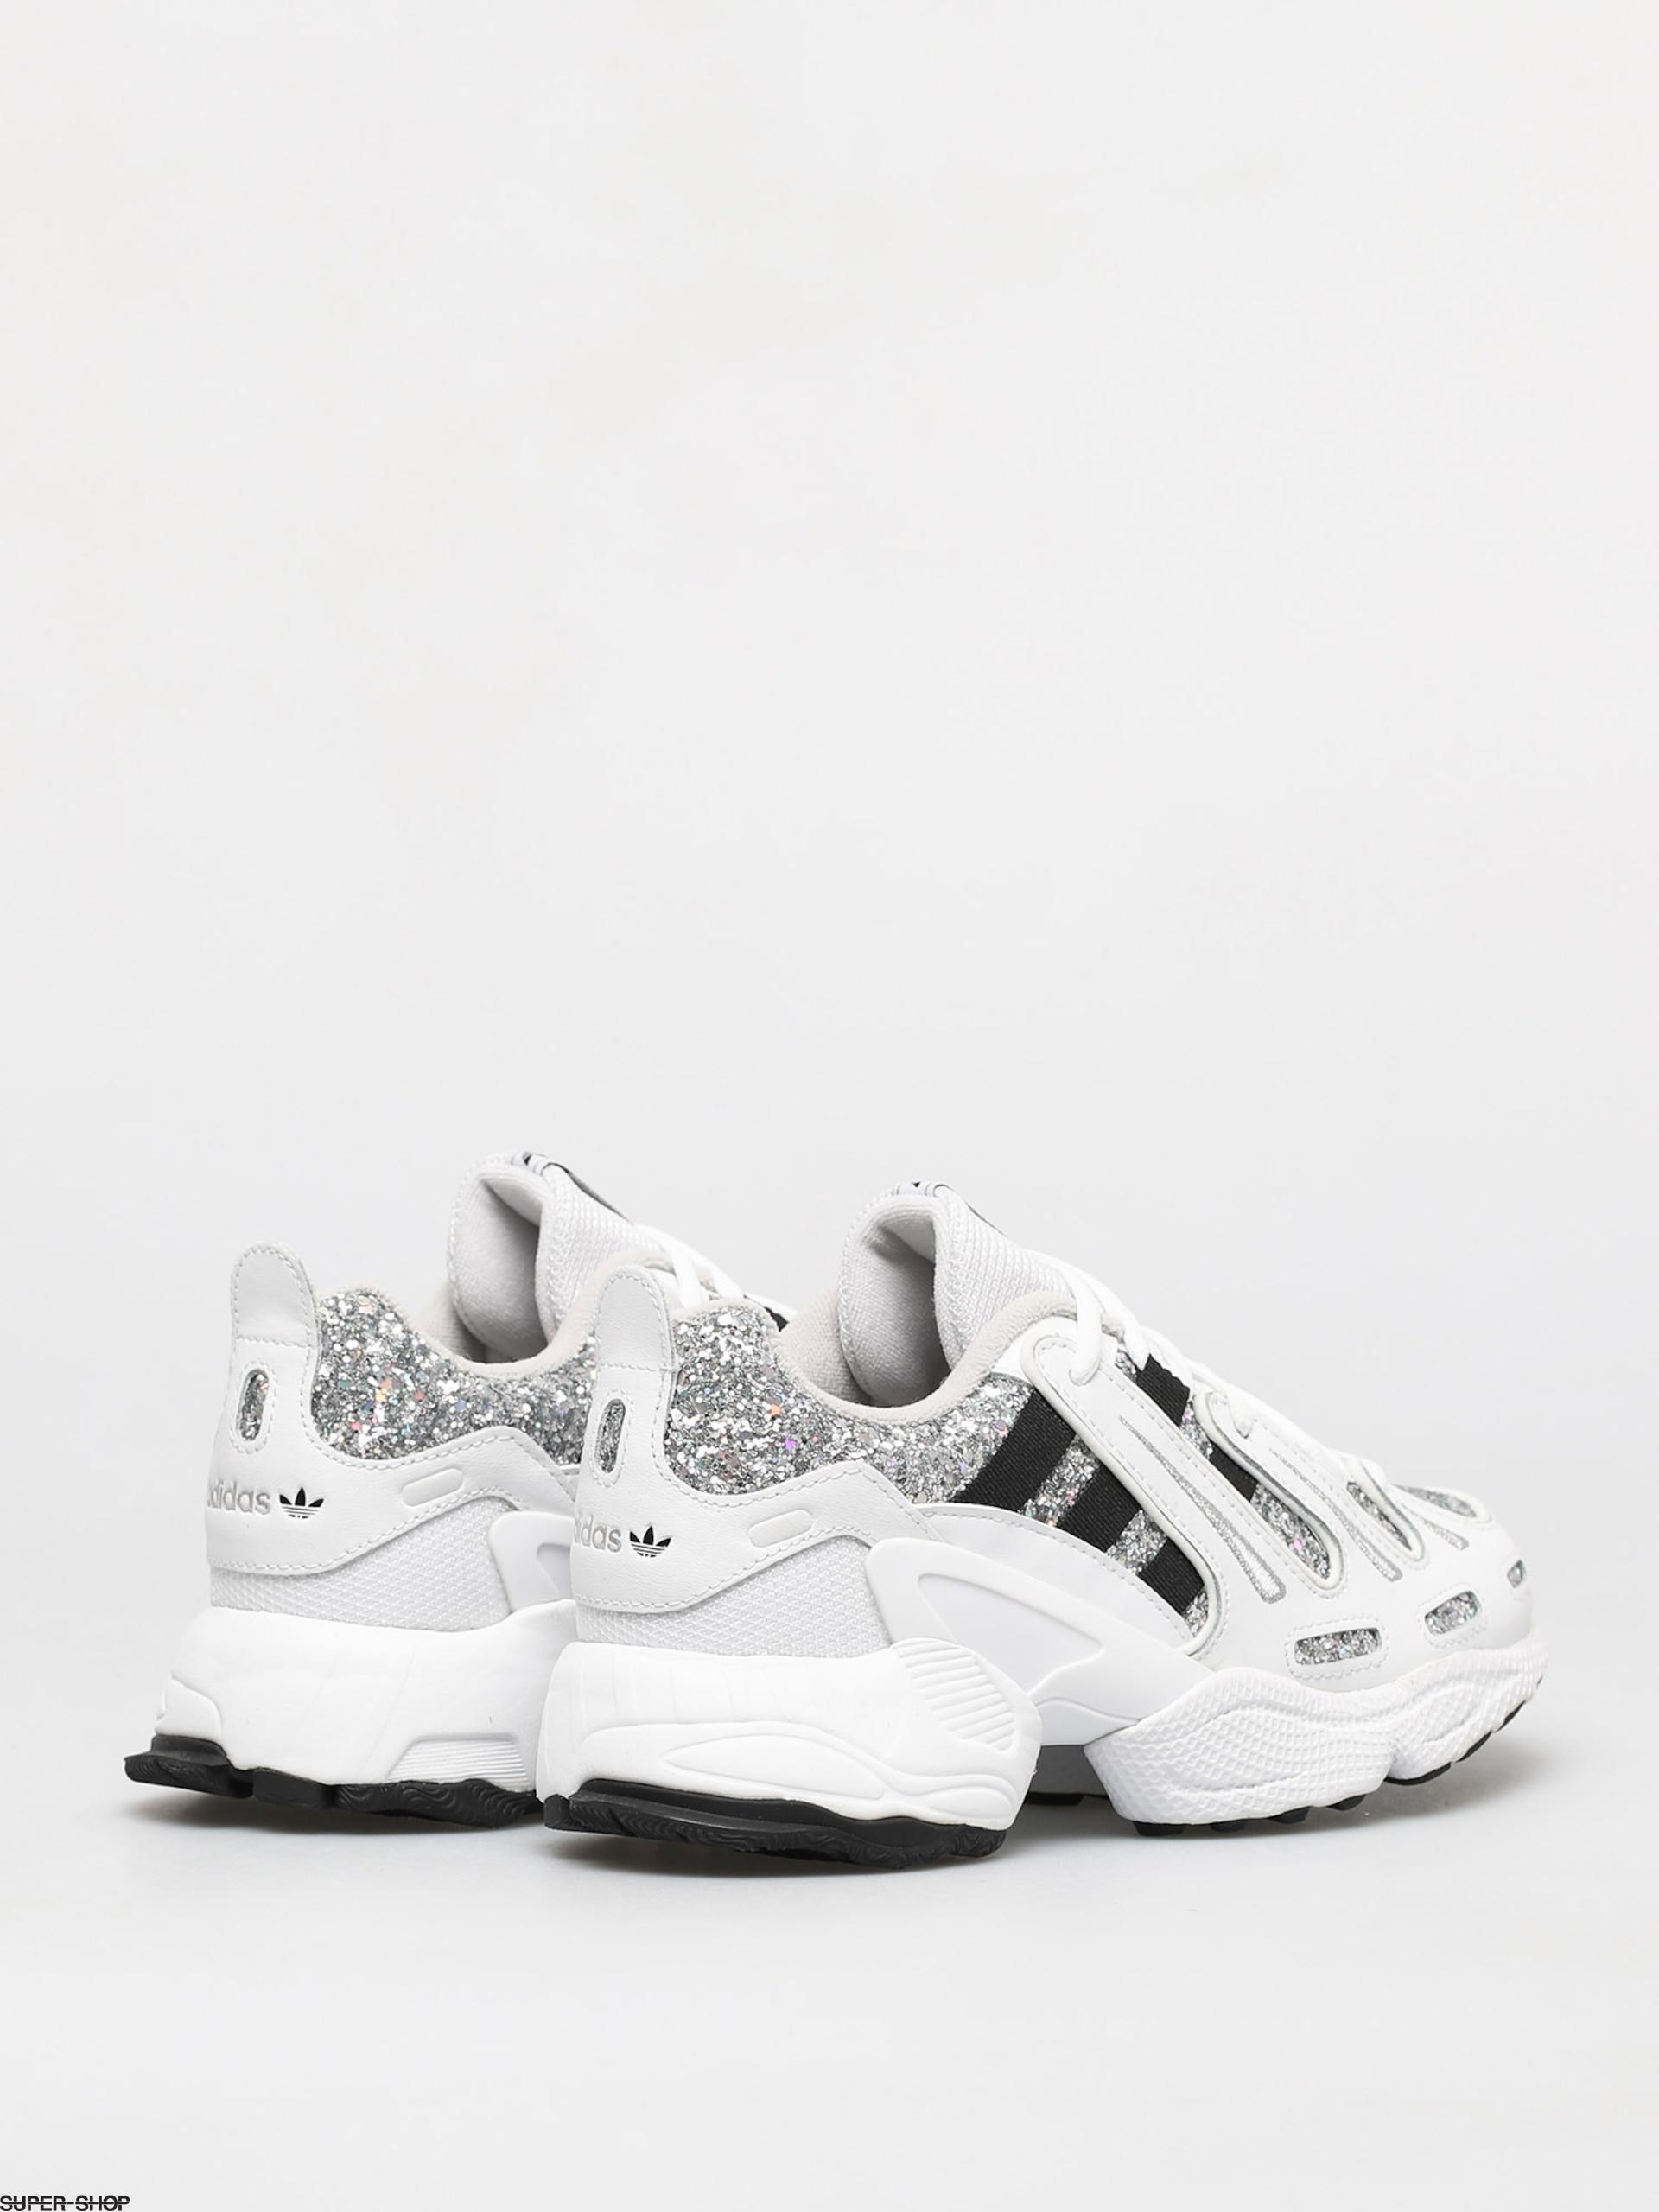 Adidas Originals Eqt Gazelle Shoes Wmn White Core Black Silver Met